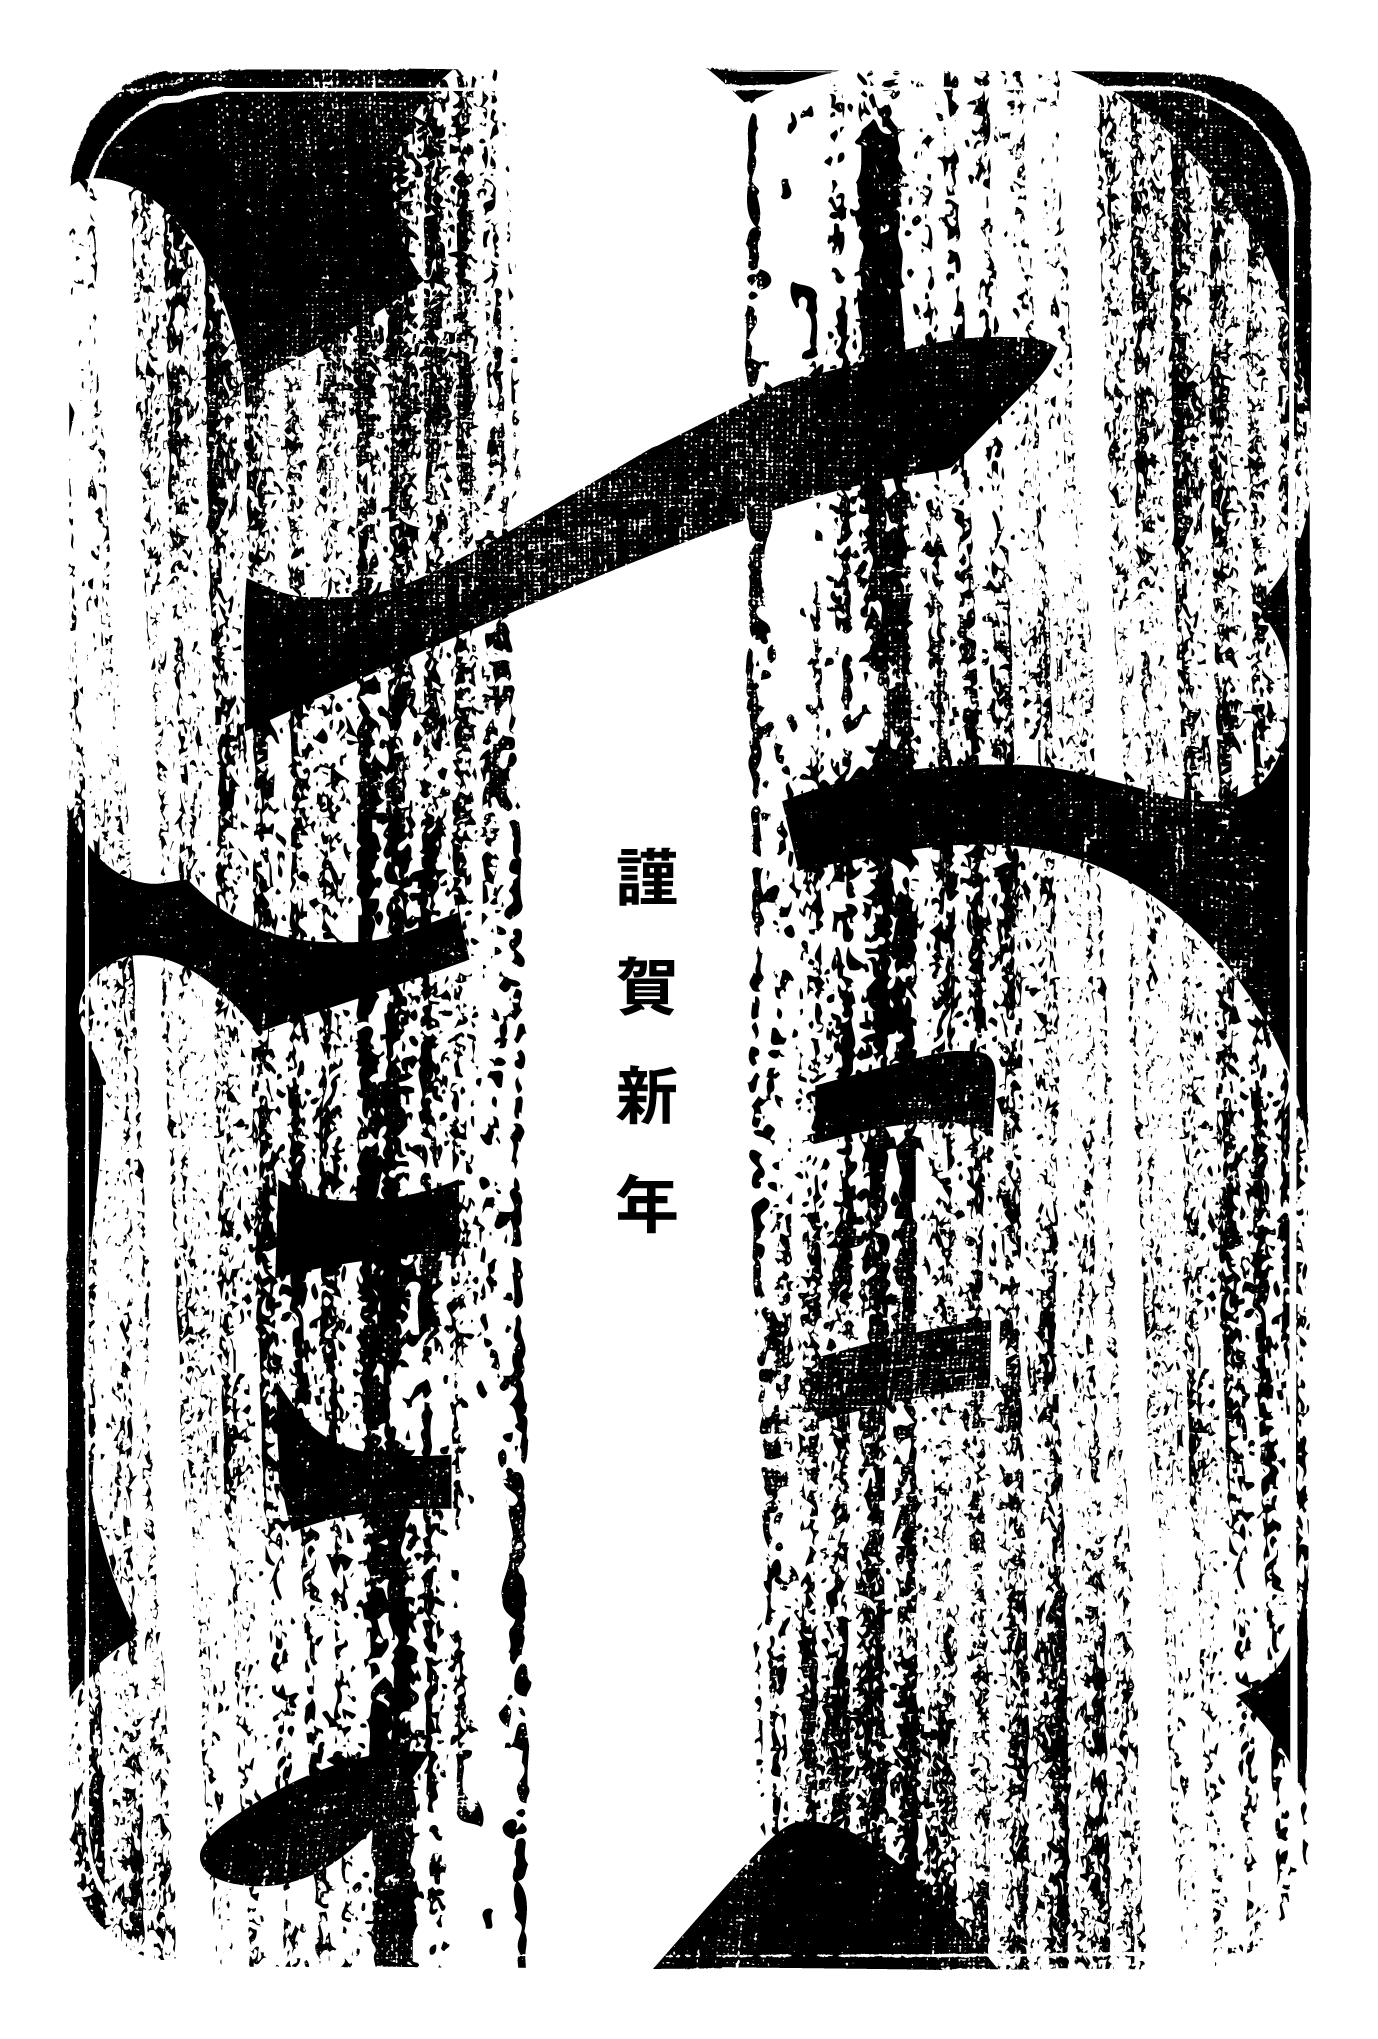 2021年賀状04-3:江戸勘亭流 / 寅(黒)のダウンロード画像